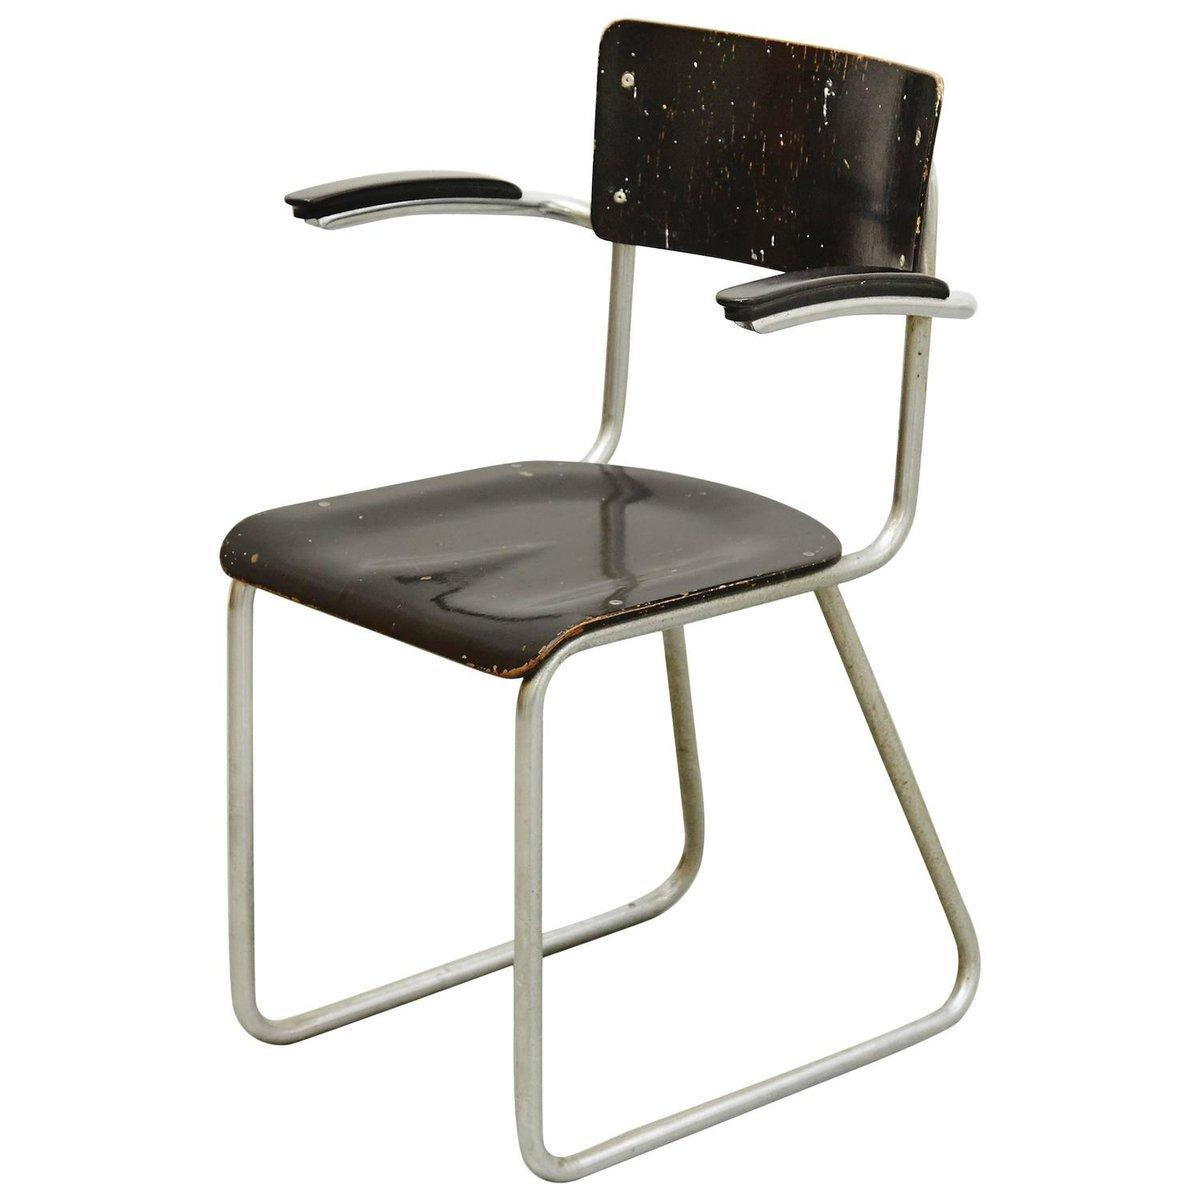 niederl ndischer bauhaus stuhl 1930er bei pamono kaufen. Black Bedroom Furniture Sets. Home Design Ideas